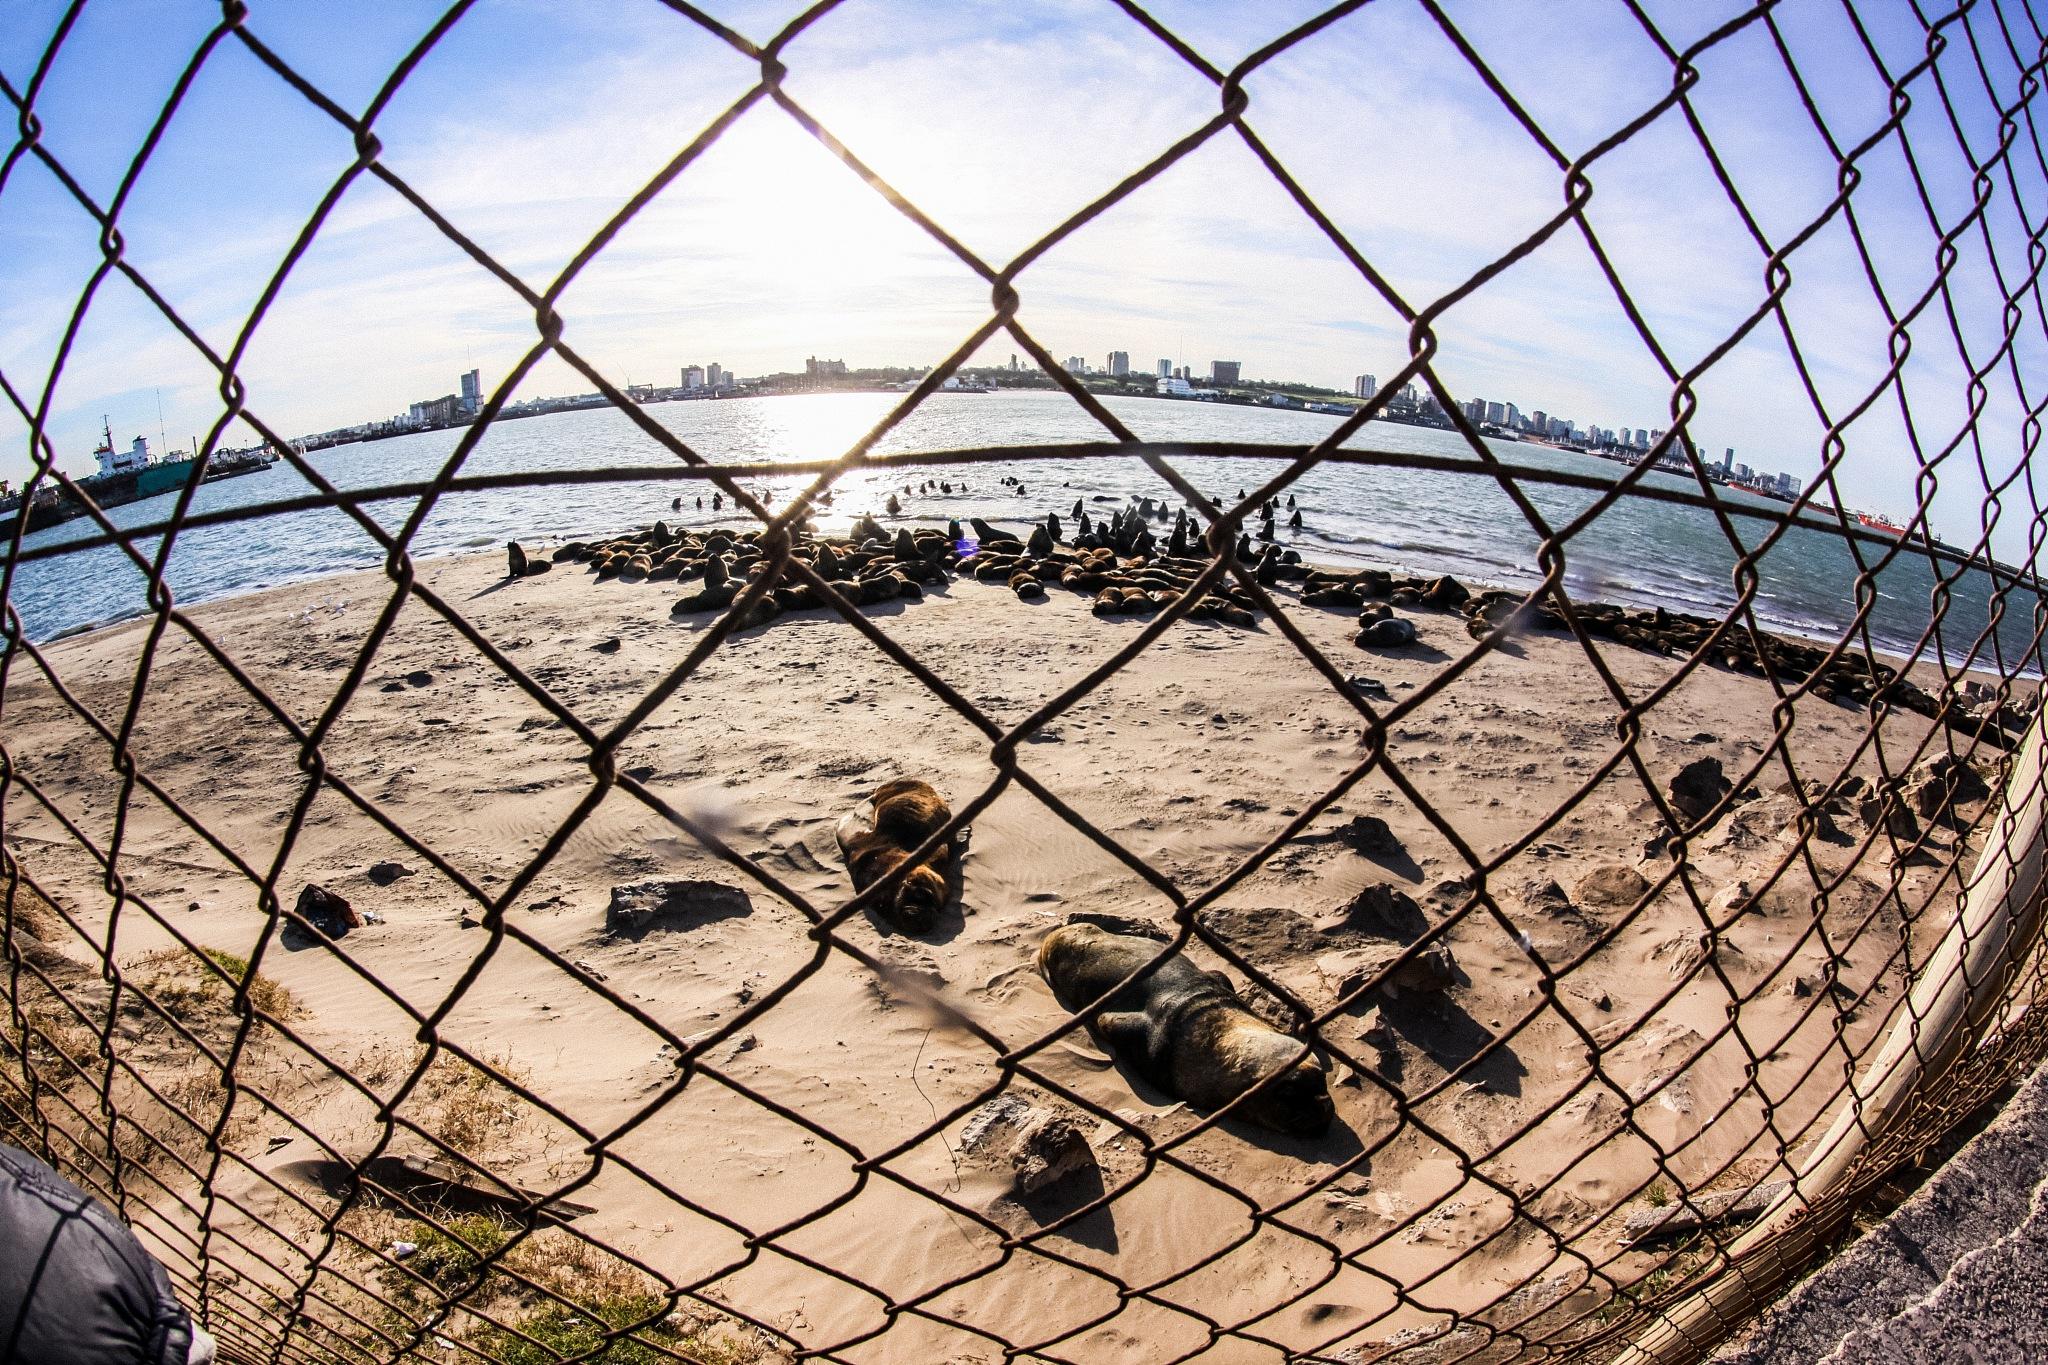 Puerto de Mar del Plata by Estefa Rabe